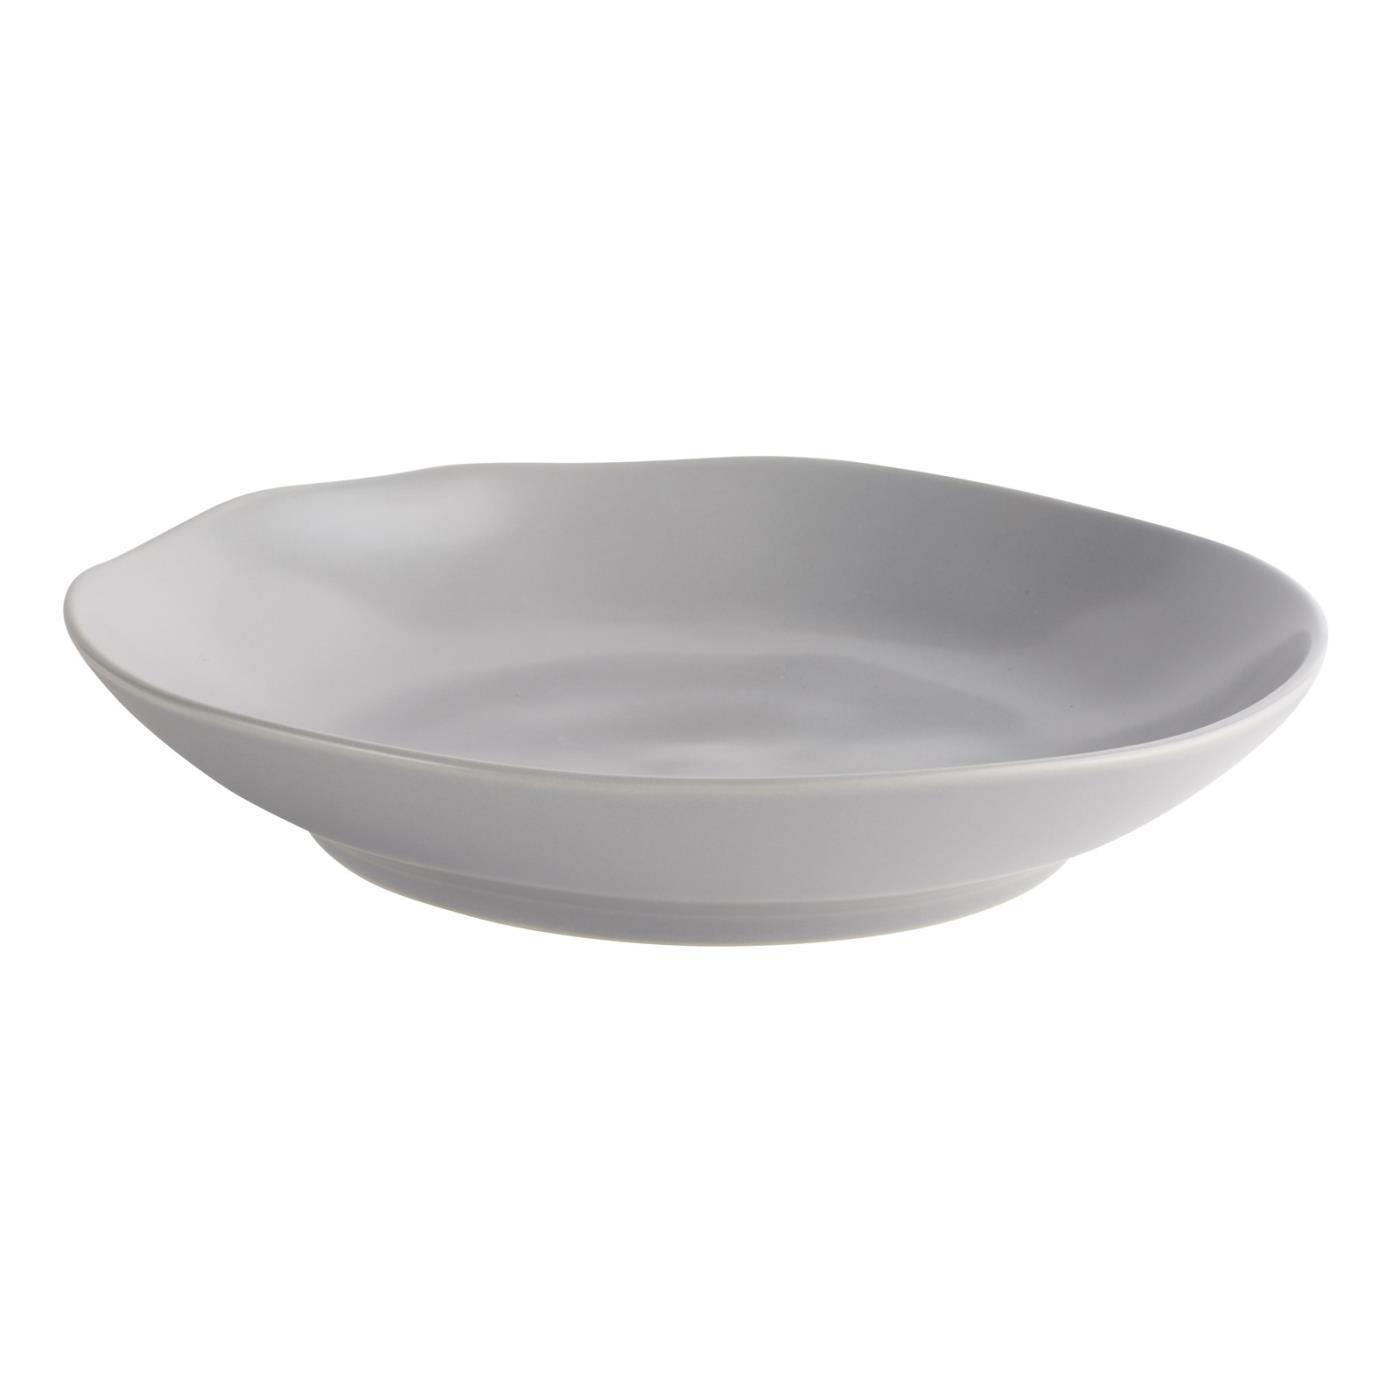 Terra Bowl 9